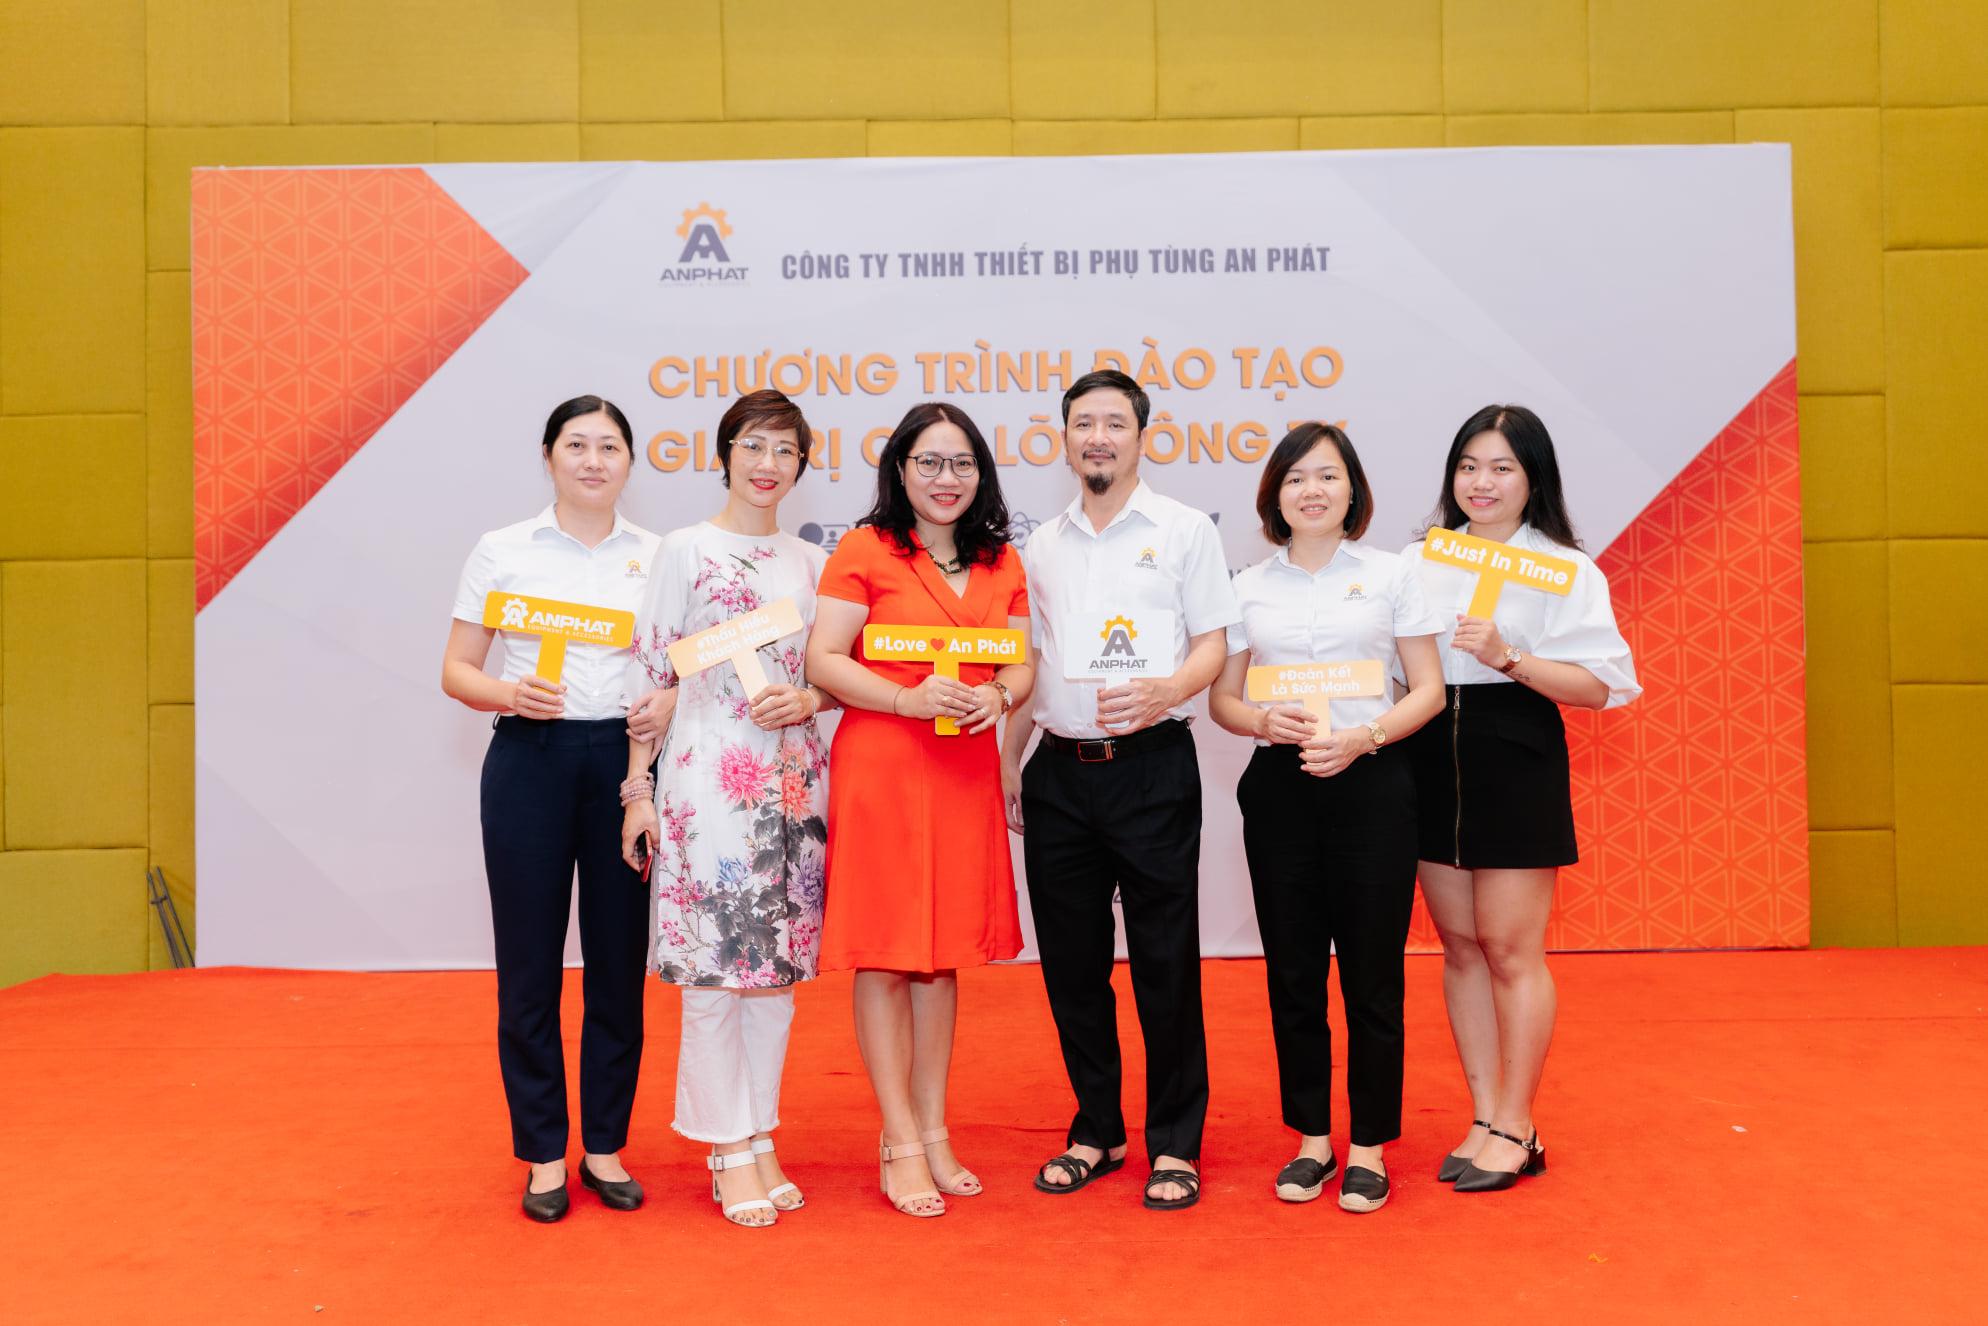 Chương trình đào tạo Văn hóa doanh nghiệp - Giá trị cốt lõi dành cho công ty An Phát tổ chức bởi Thanhs